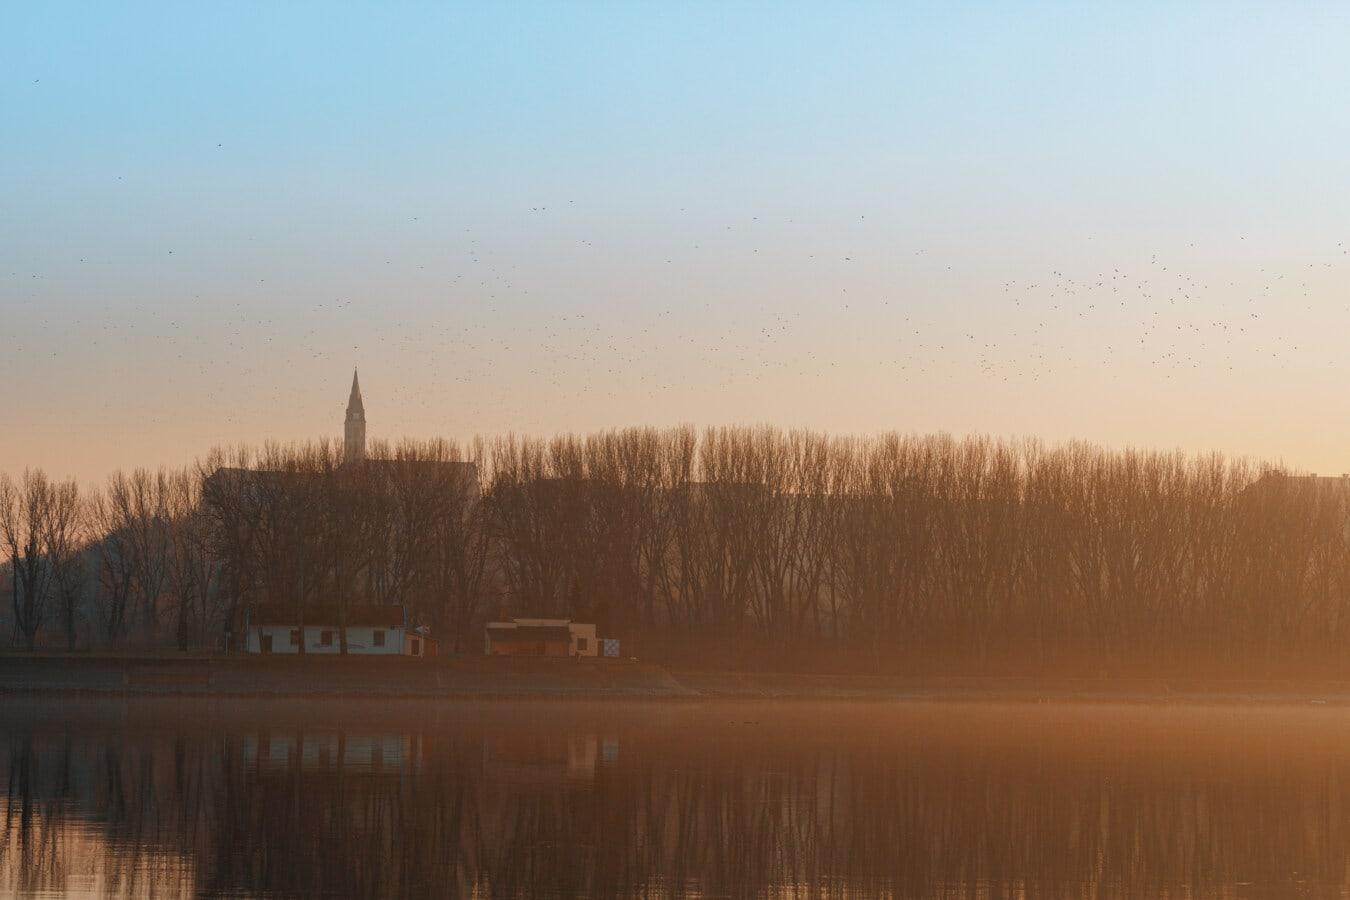 matin, rivière, rayons de soleil, lever du soleil, brumeux, réseau d'aqueduc, horizon, atmosphère, arbre, paysage